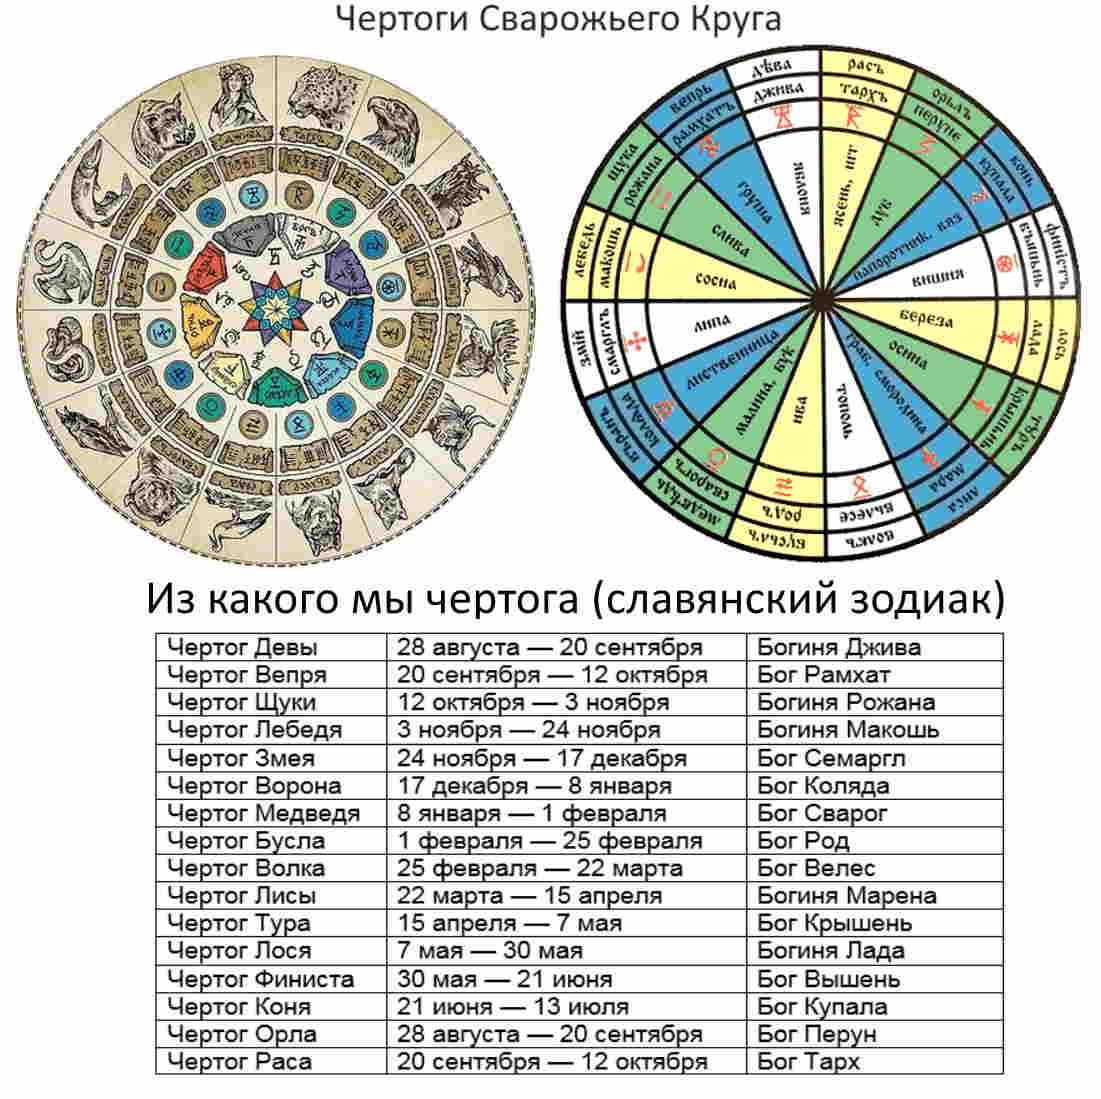 Чертоги сварожьего круга, из какого мы чертога (славянский зодиак)